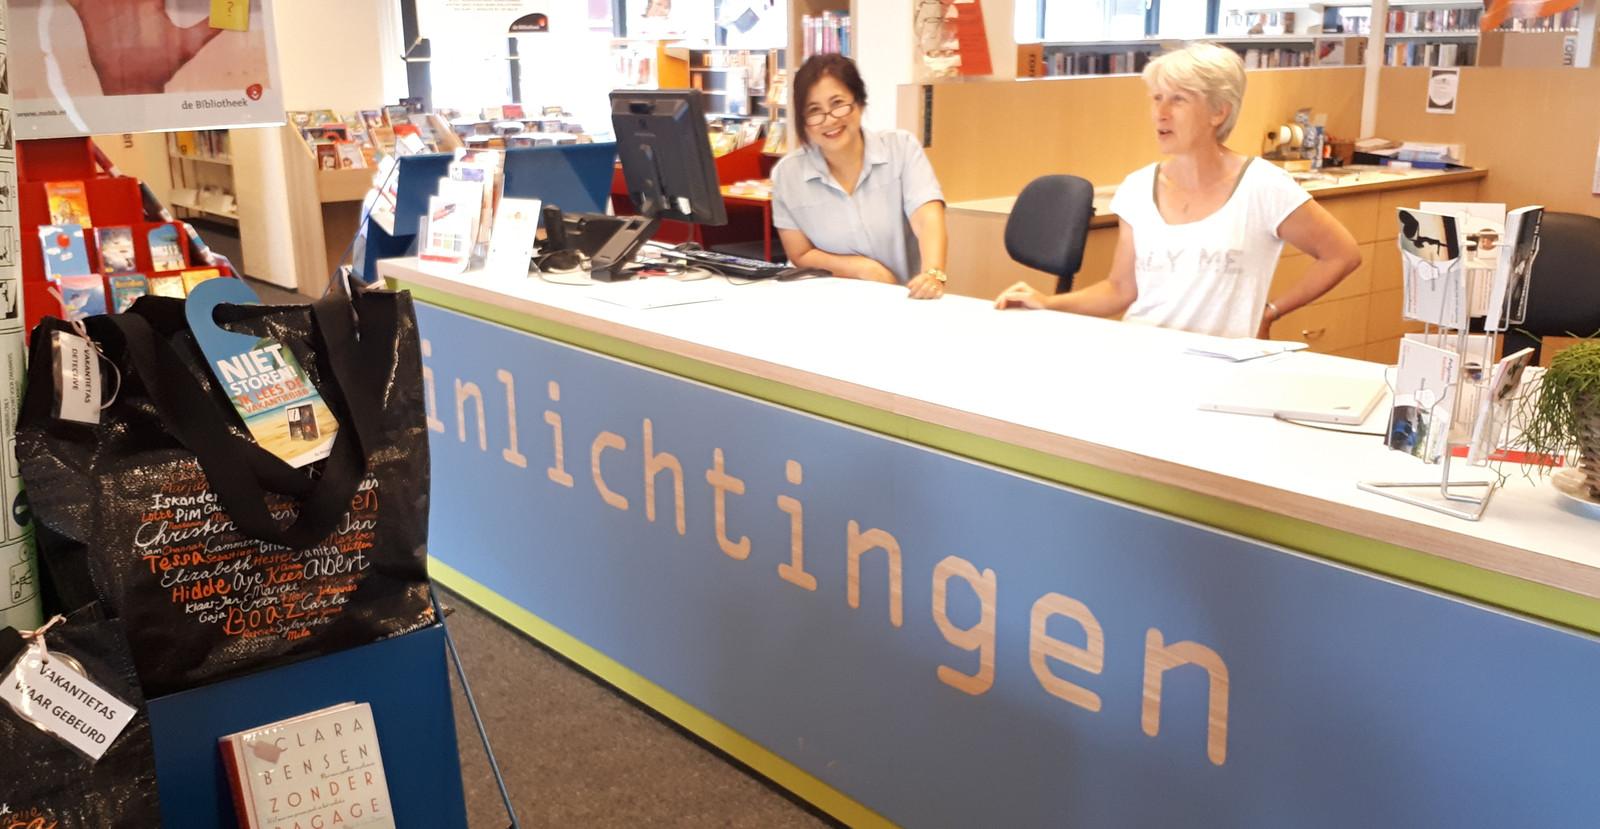 De balie van de Bibliiotheek Heeswijk-Dinther.